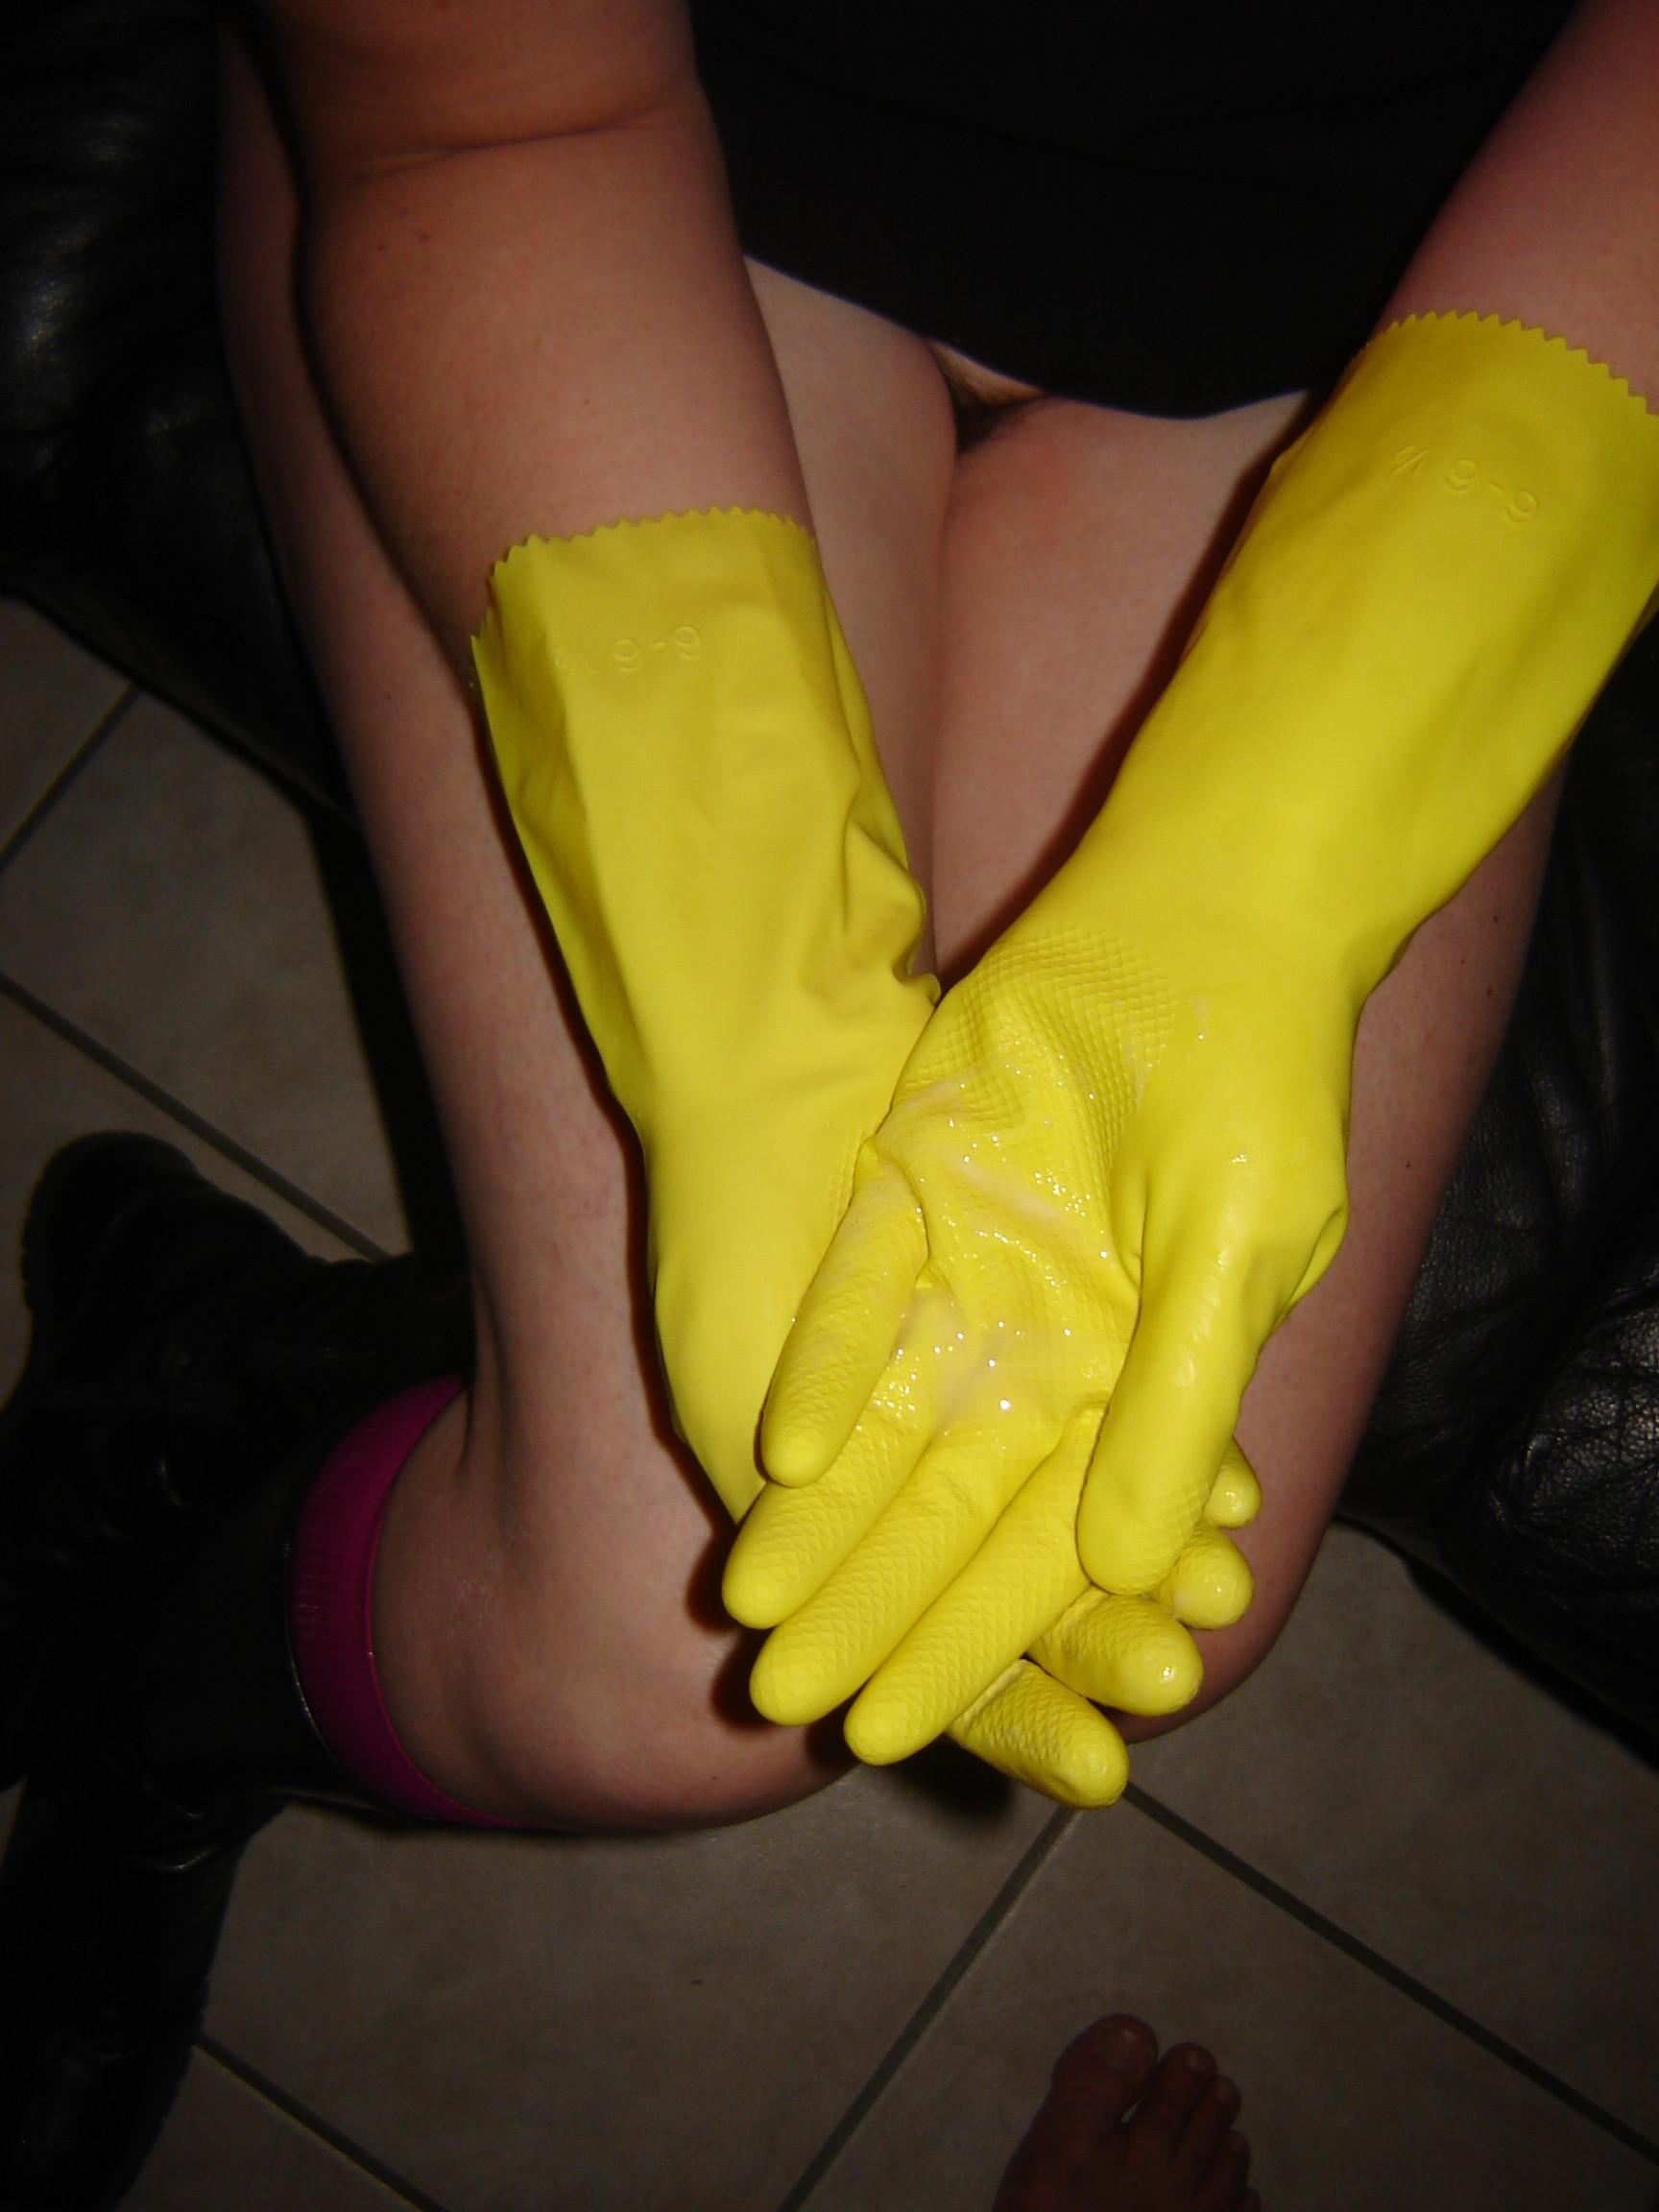 Дрочит хуй мужу в резиновых перчатках